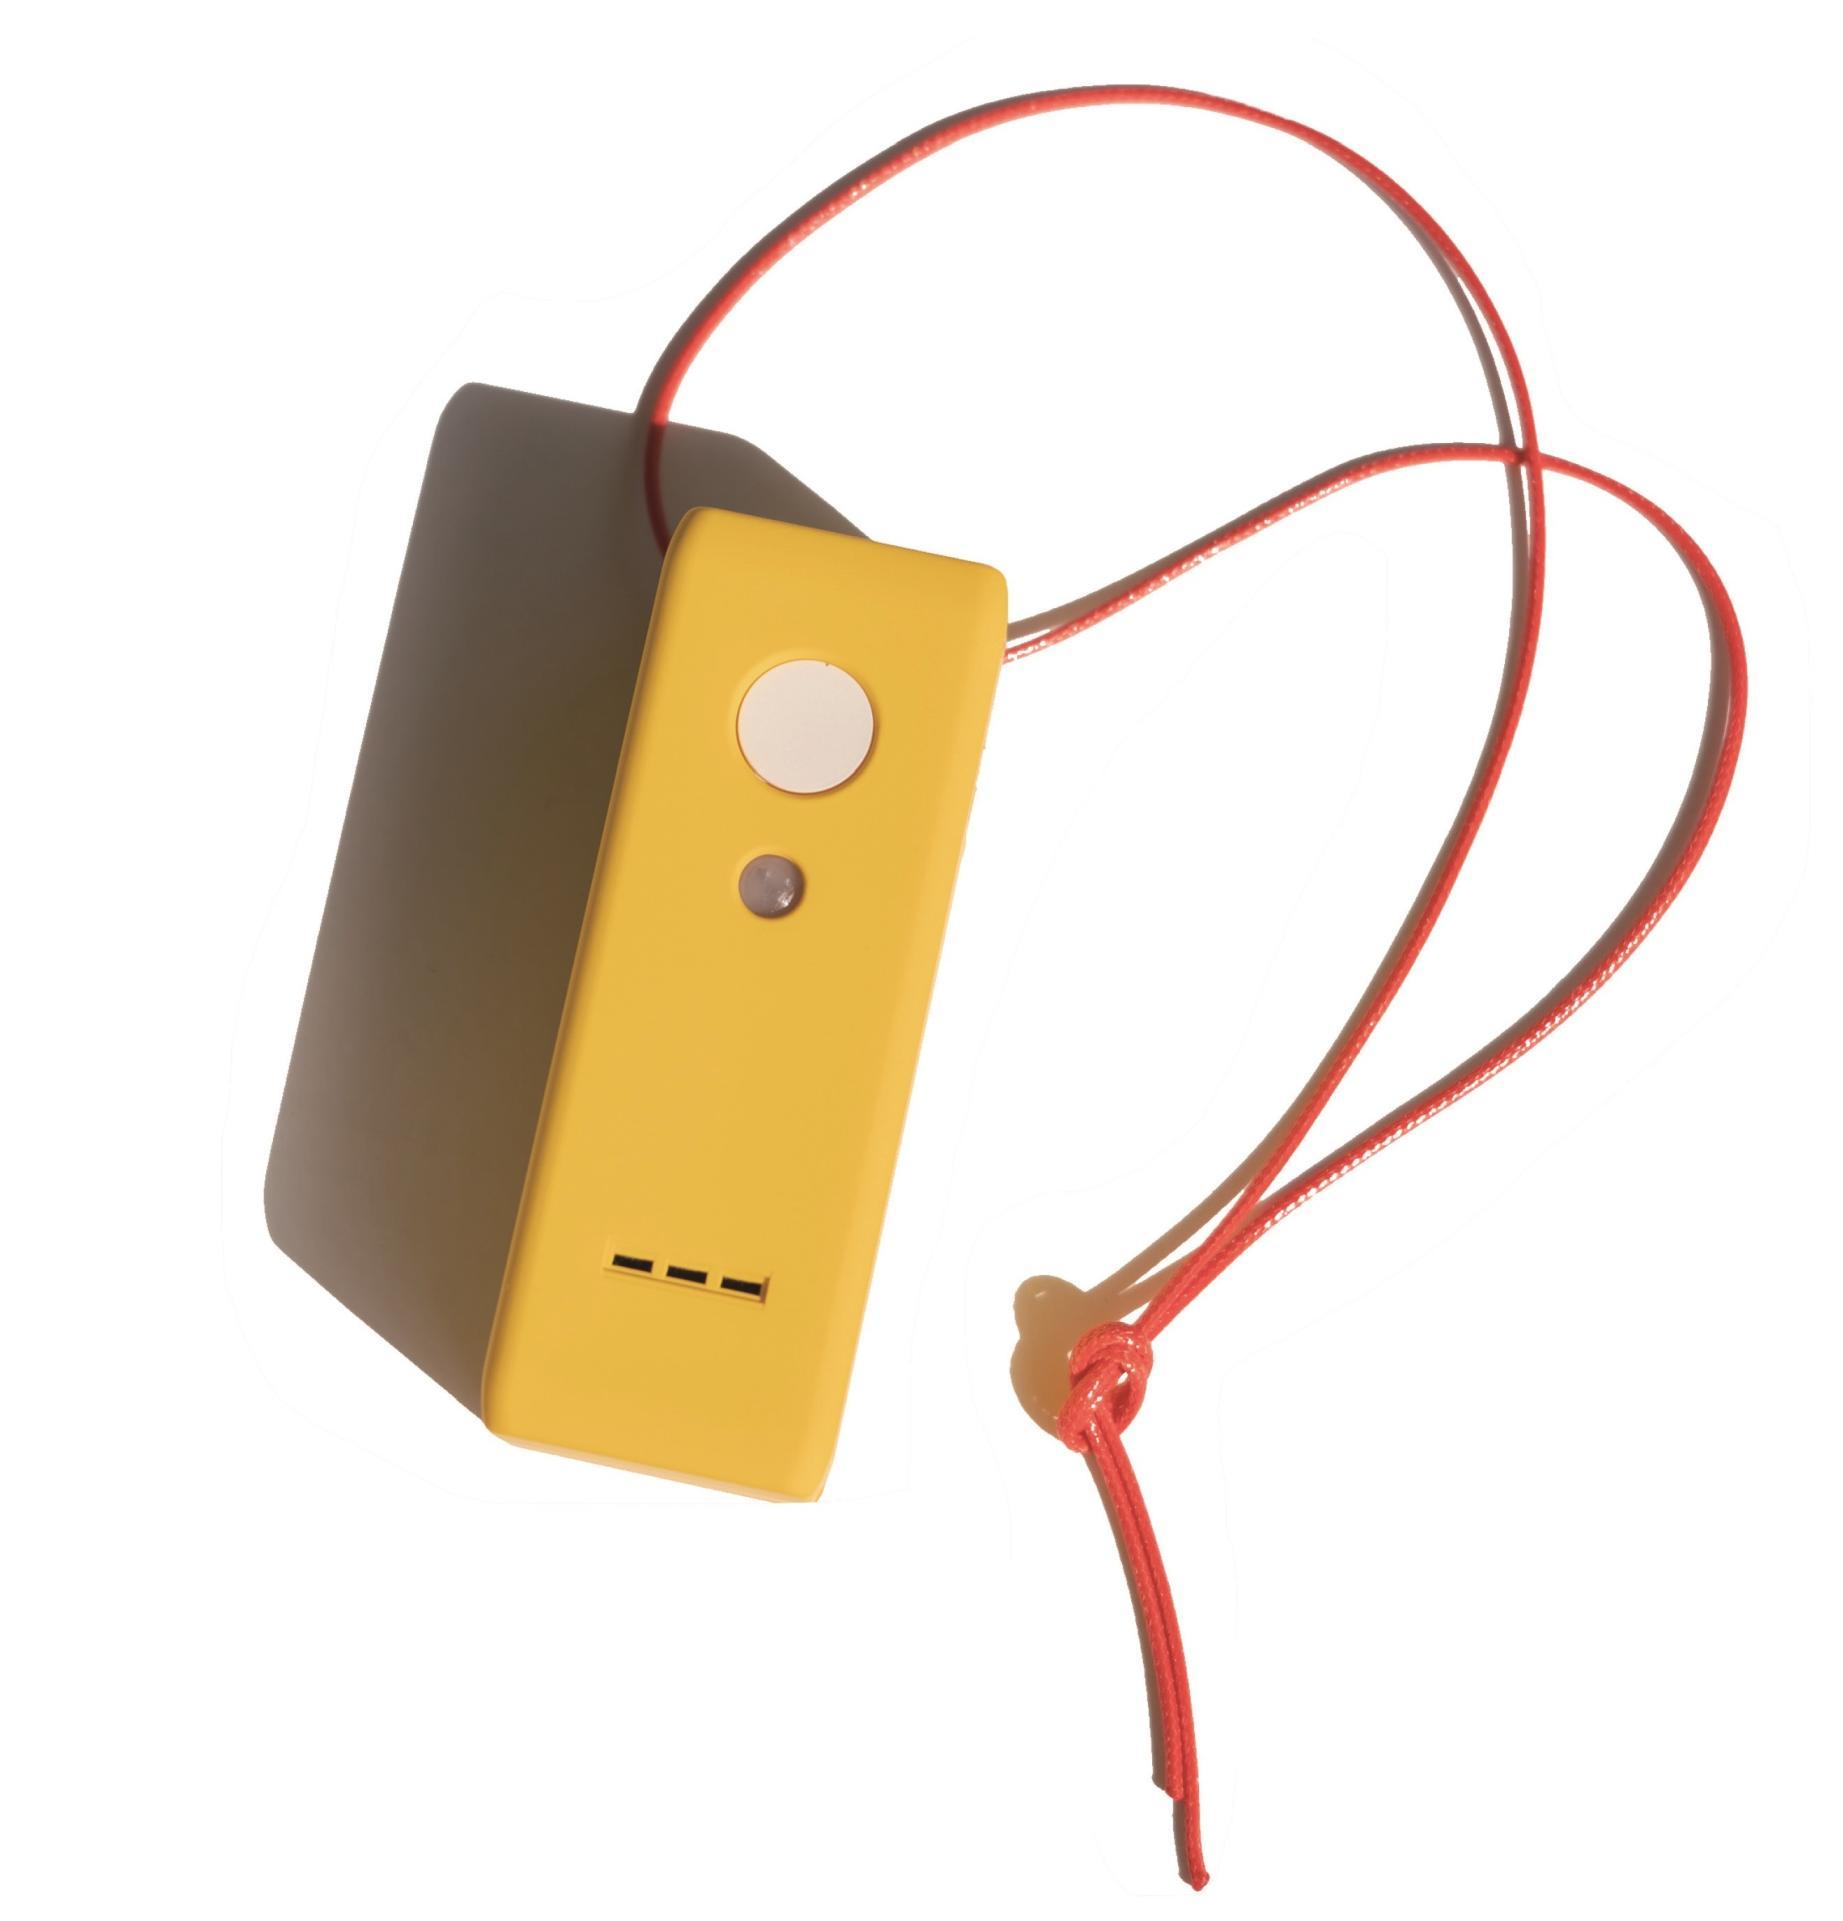 보이스잇voice it 음성메모 말하는 포스트잇 언택트 비대면 레트로갬성 아날로그 노란색